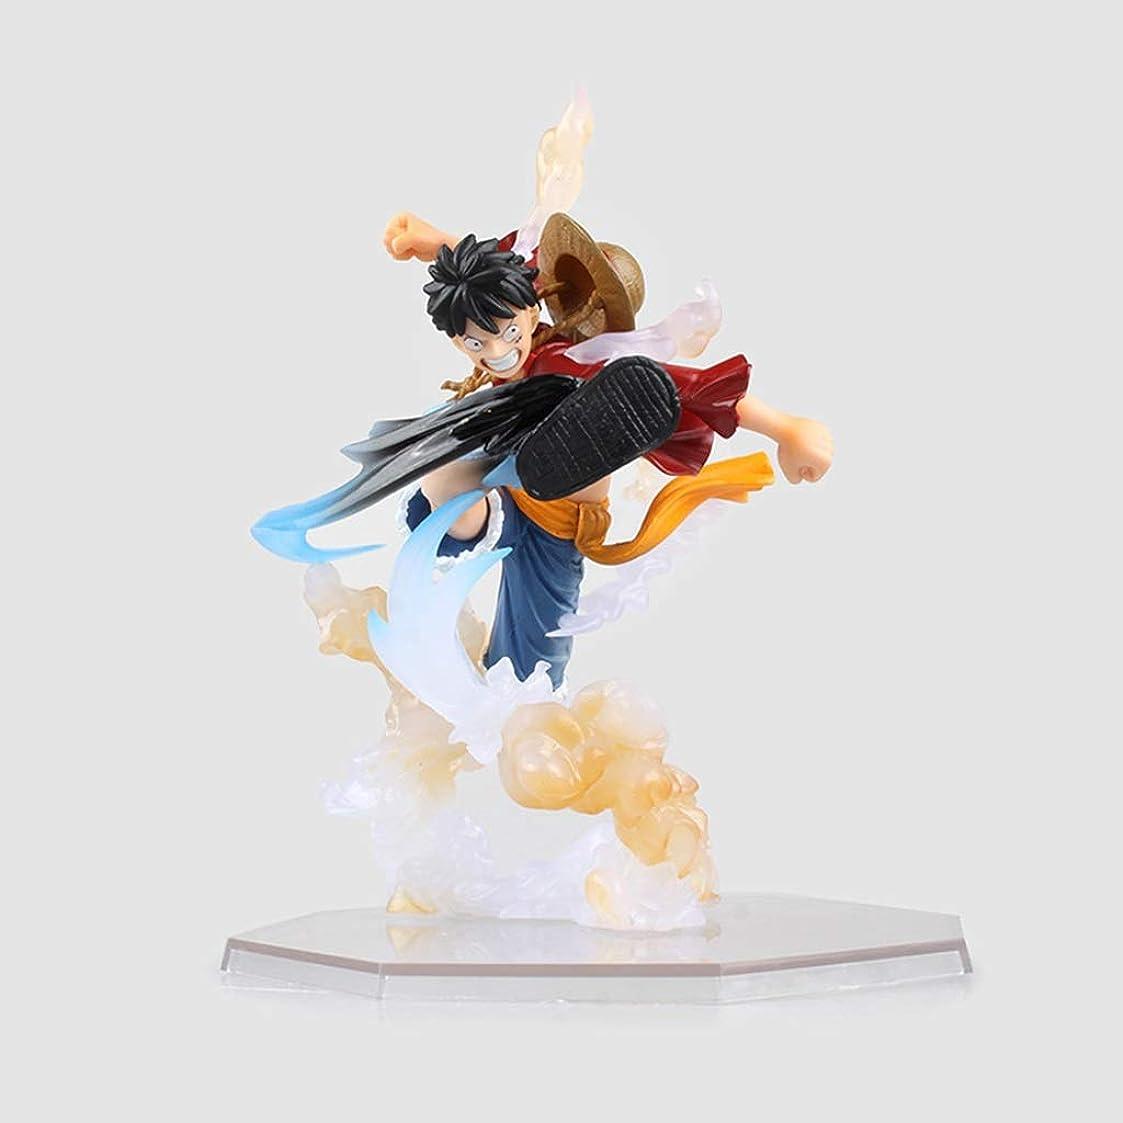 頬バズコミットアニメワンピースモデル、PVC子供のおもちゃコレクション像、デスクトップ装飾玩具像玩具モデル、ZEROラバーロードフライ(15cm) JSFQ